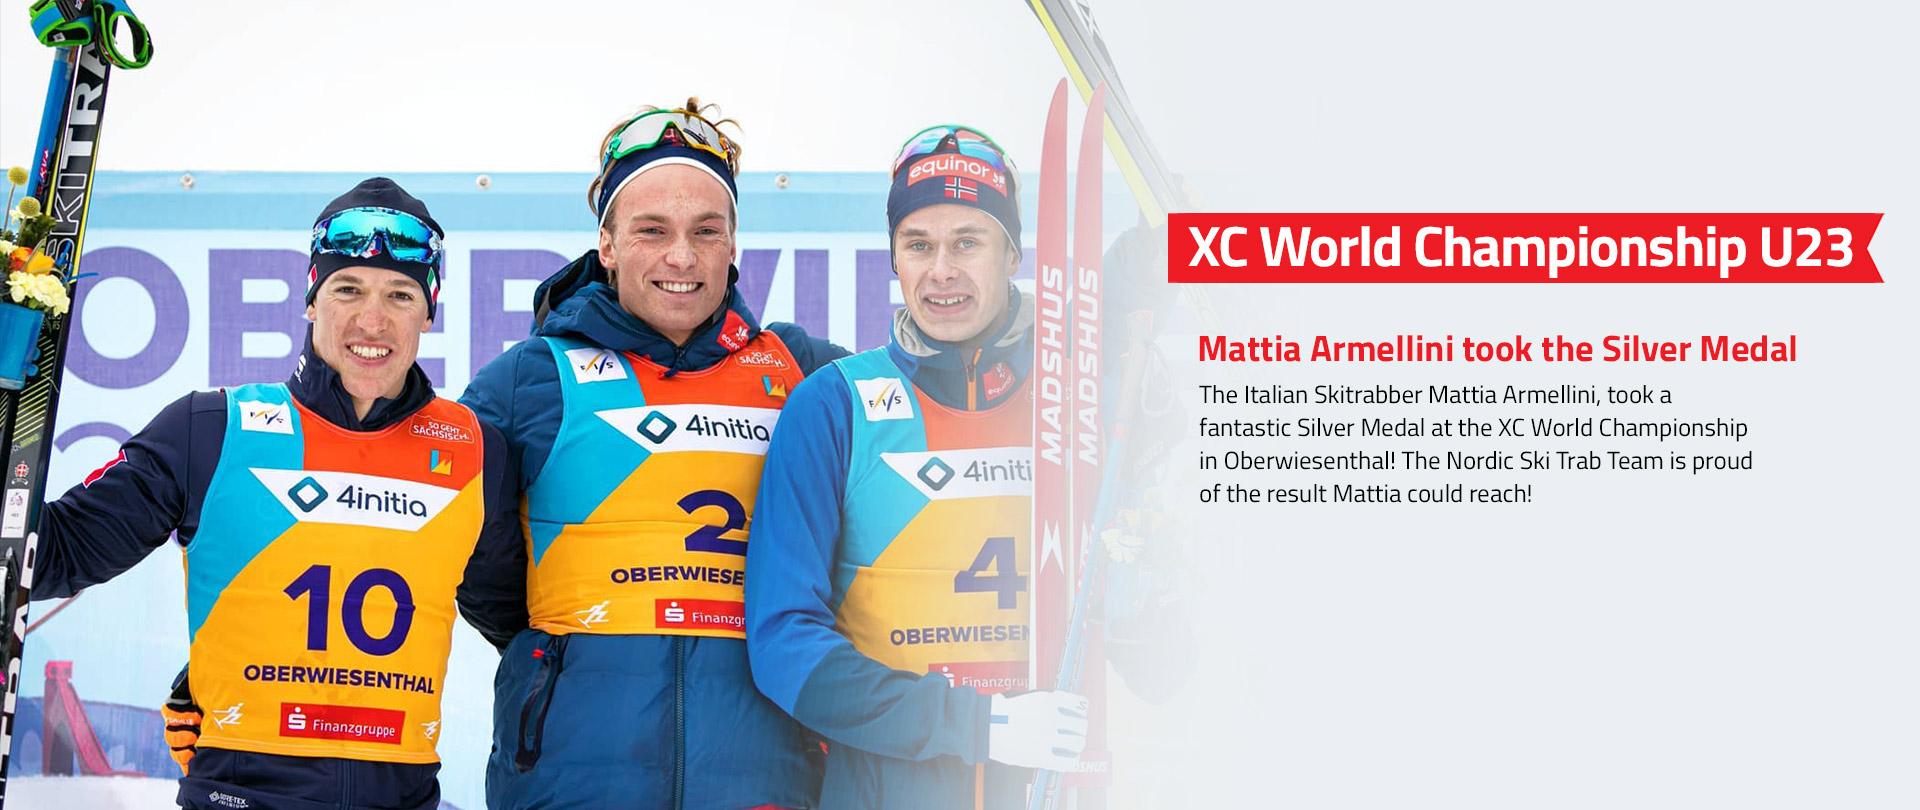 XC World Champ U23